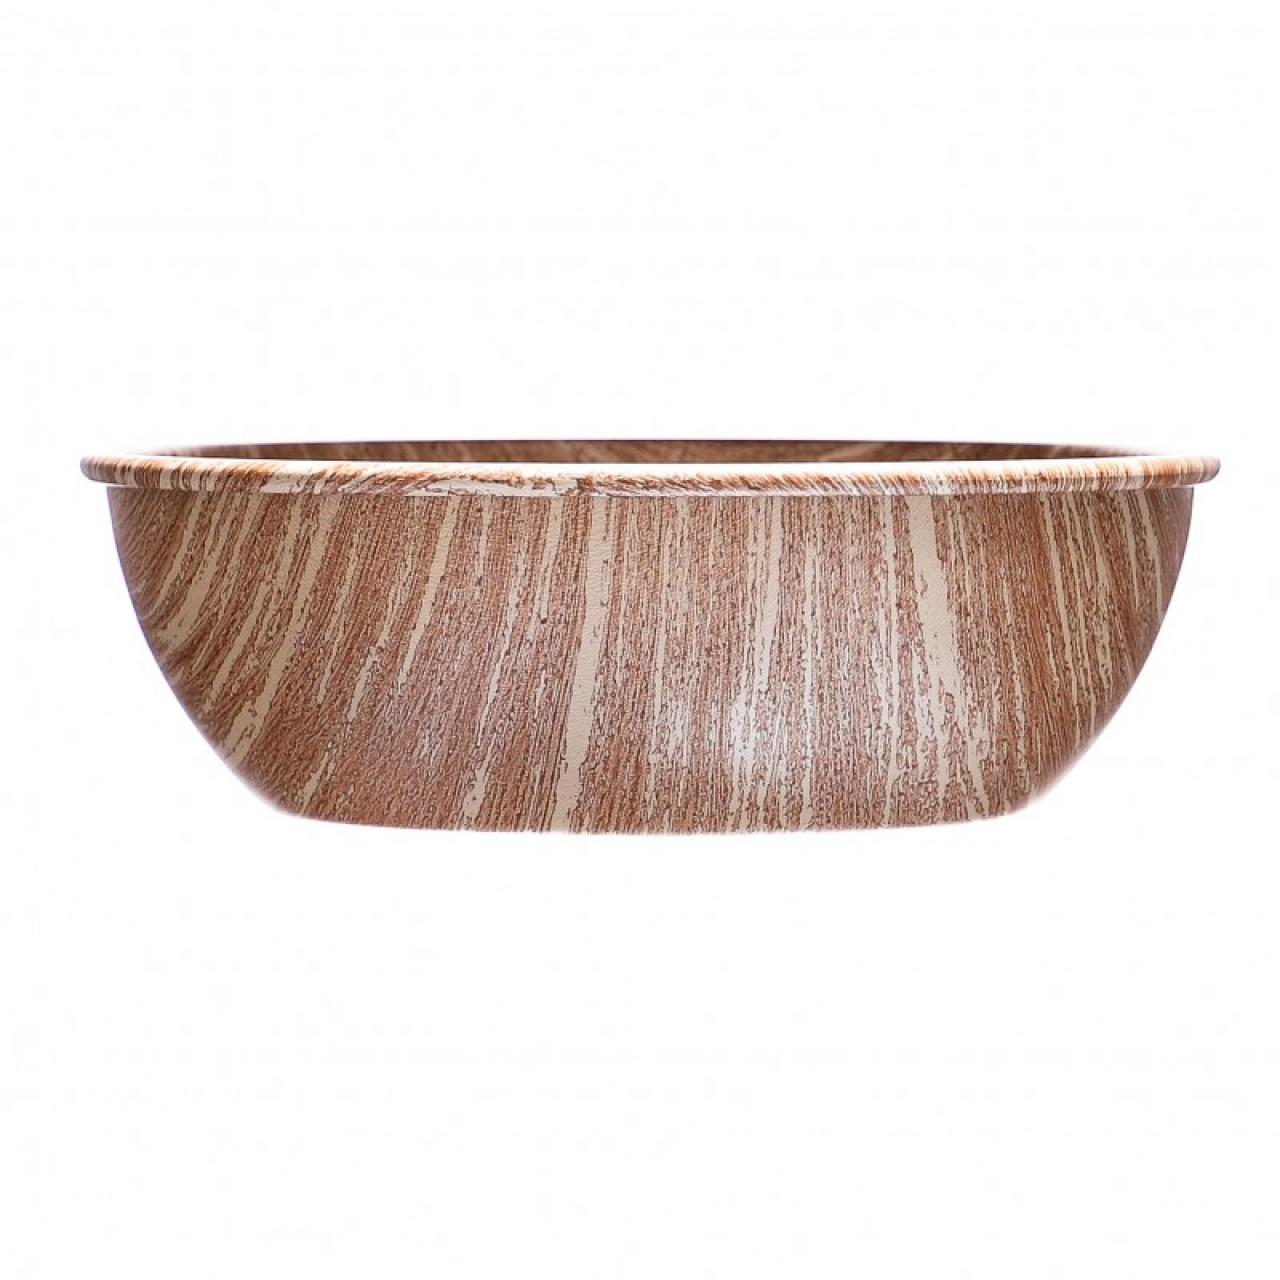 COLLECTION WOOD ČESKÁ MISKA jídelní, antiadhez PTFE, design dřevo